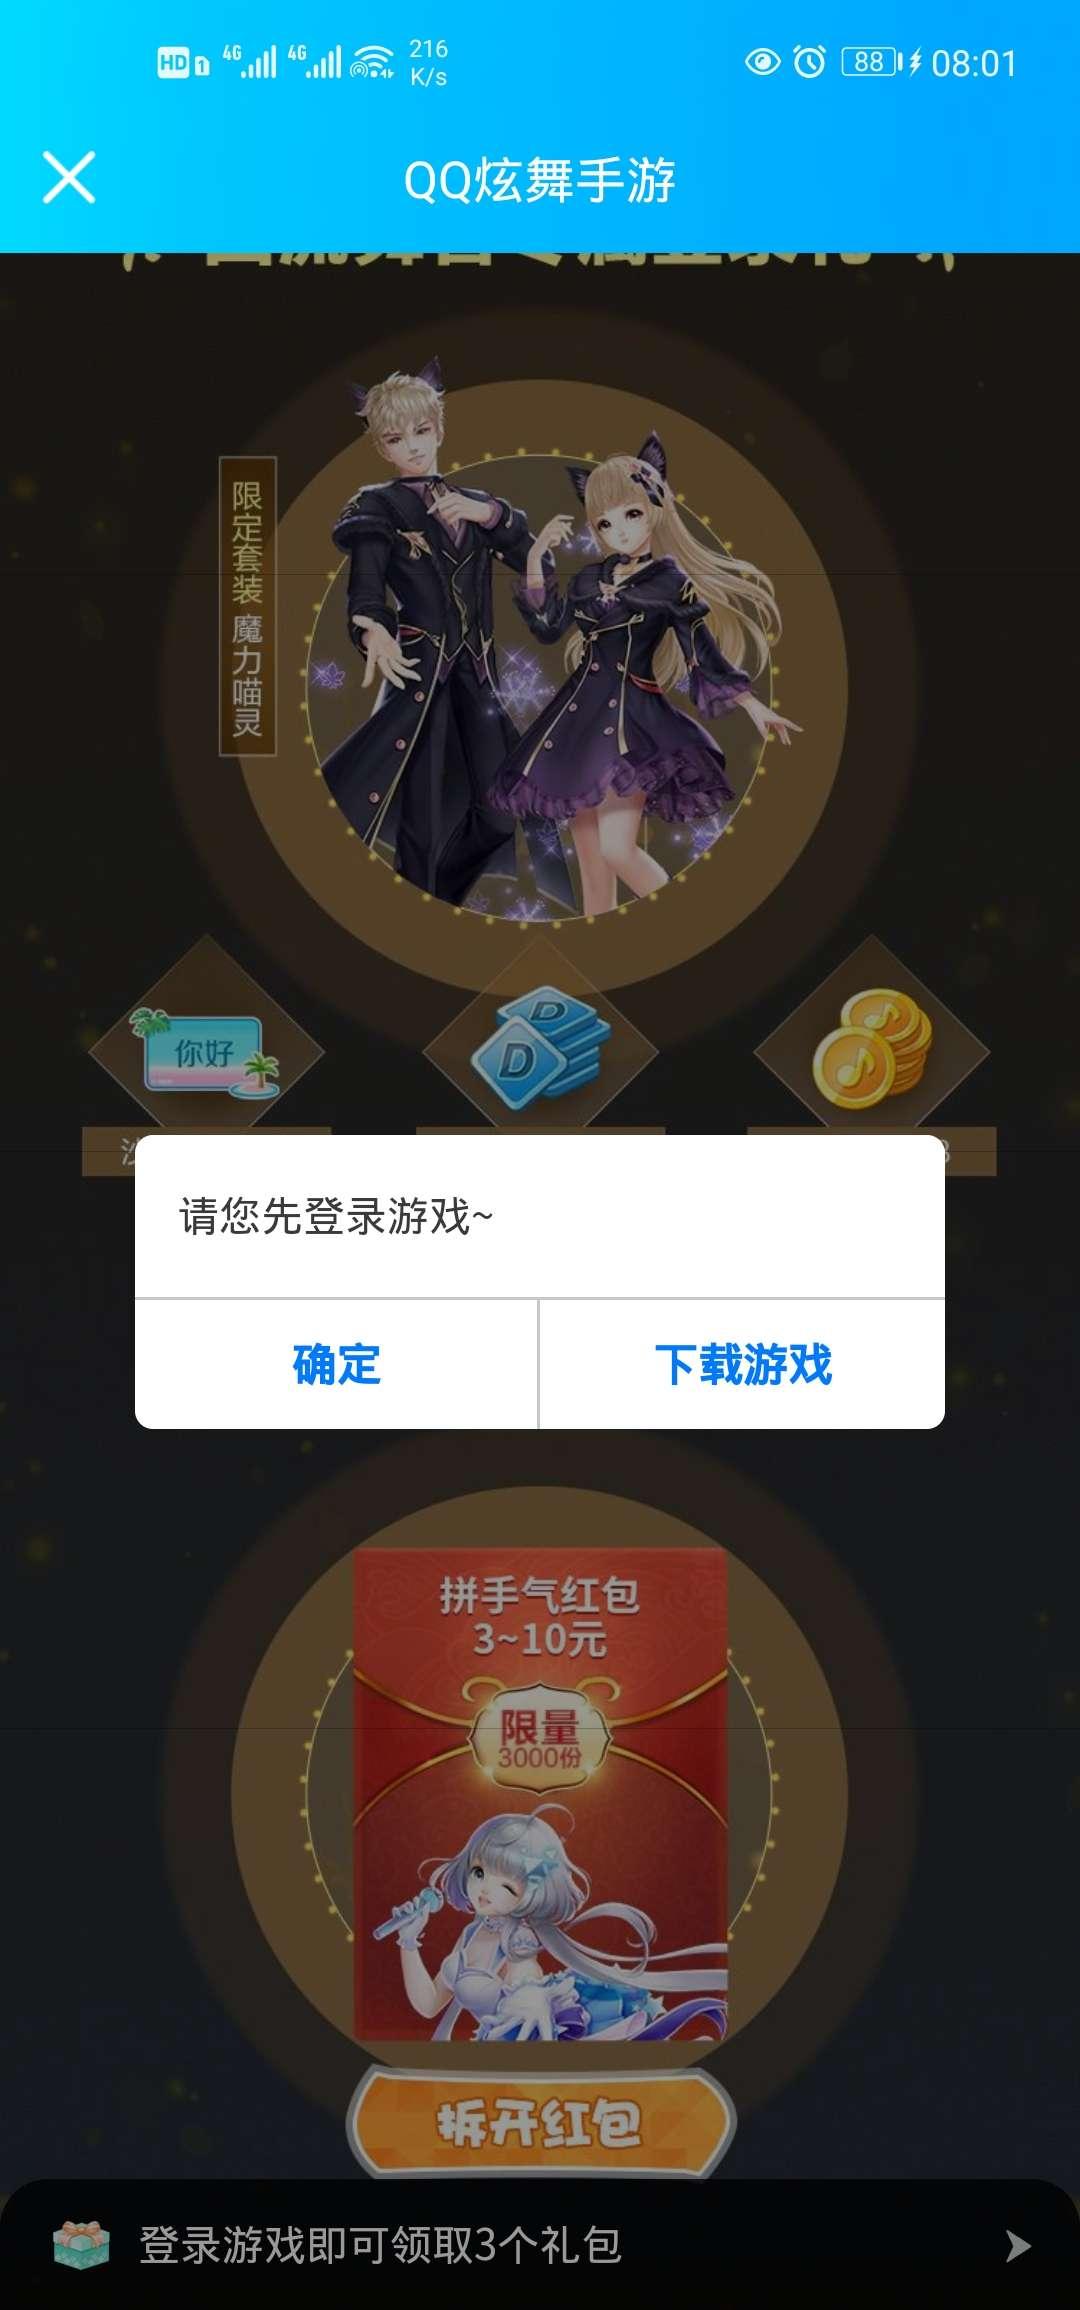 QQ炫舞回归领3-10元红包